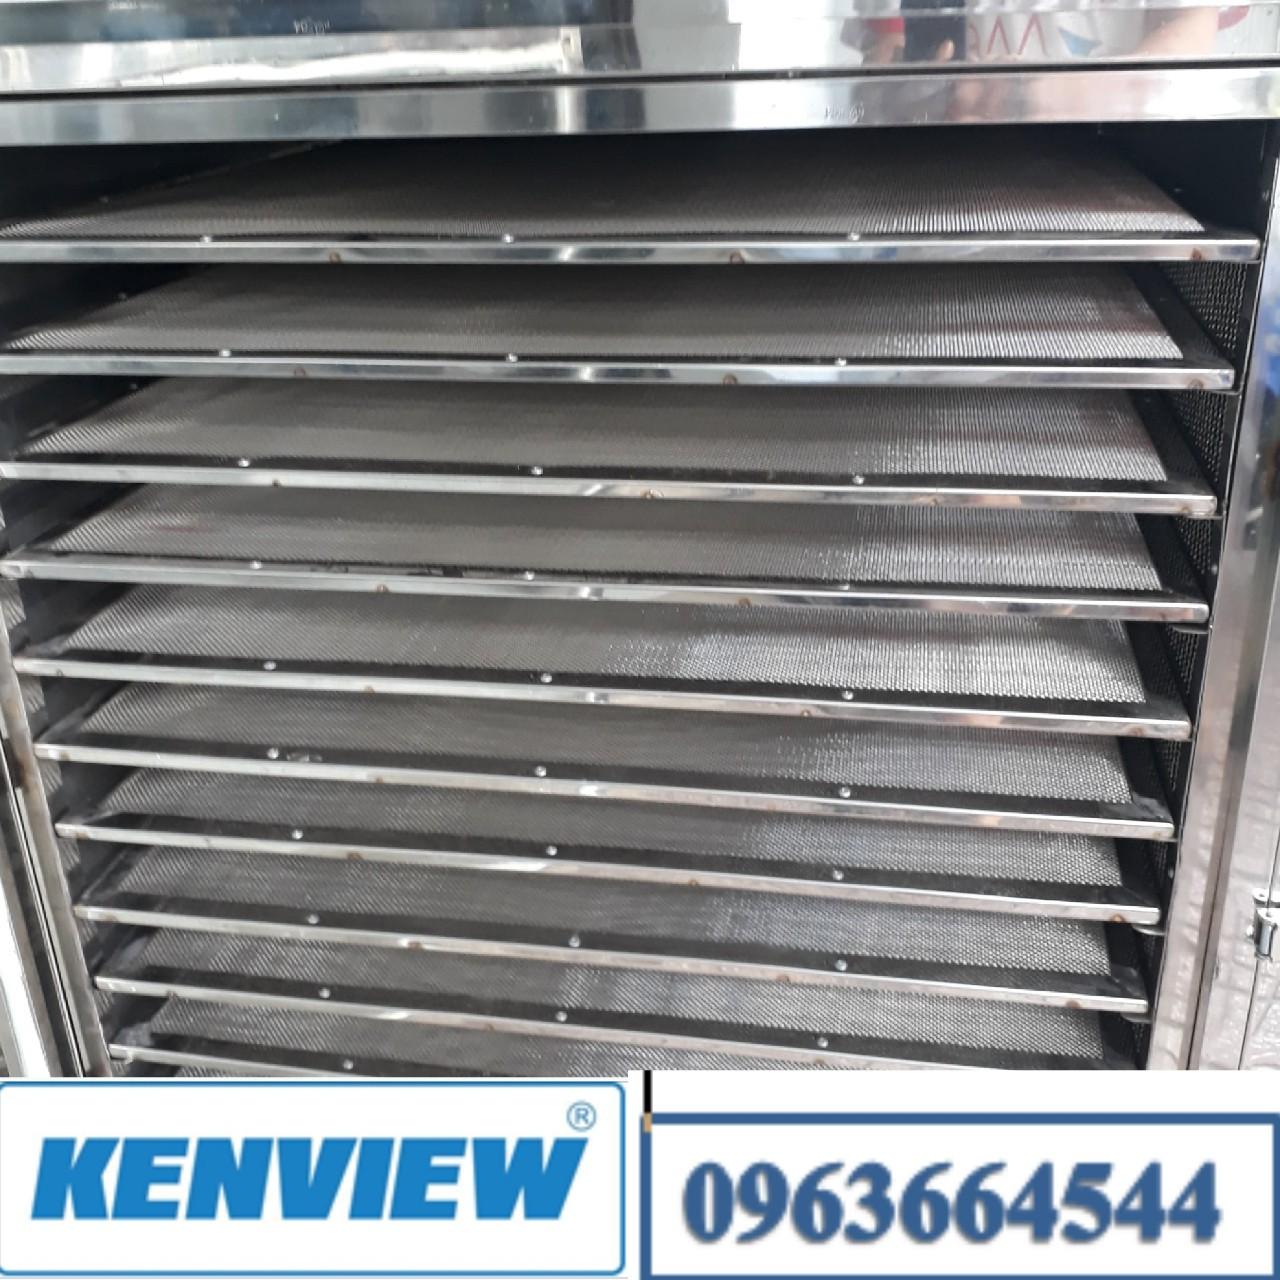 Kenview cung cấp máy sấy cá chạch ở Quảng Ninh - Máy sấy hải sản khô